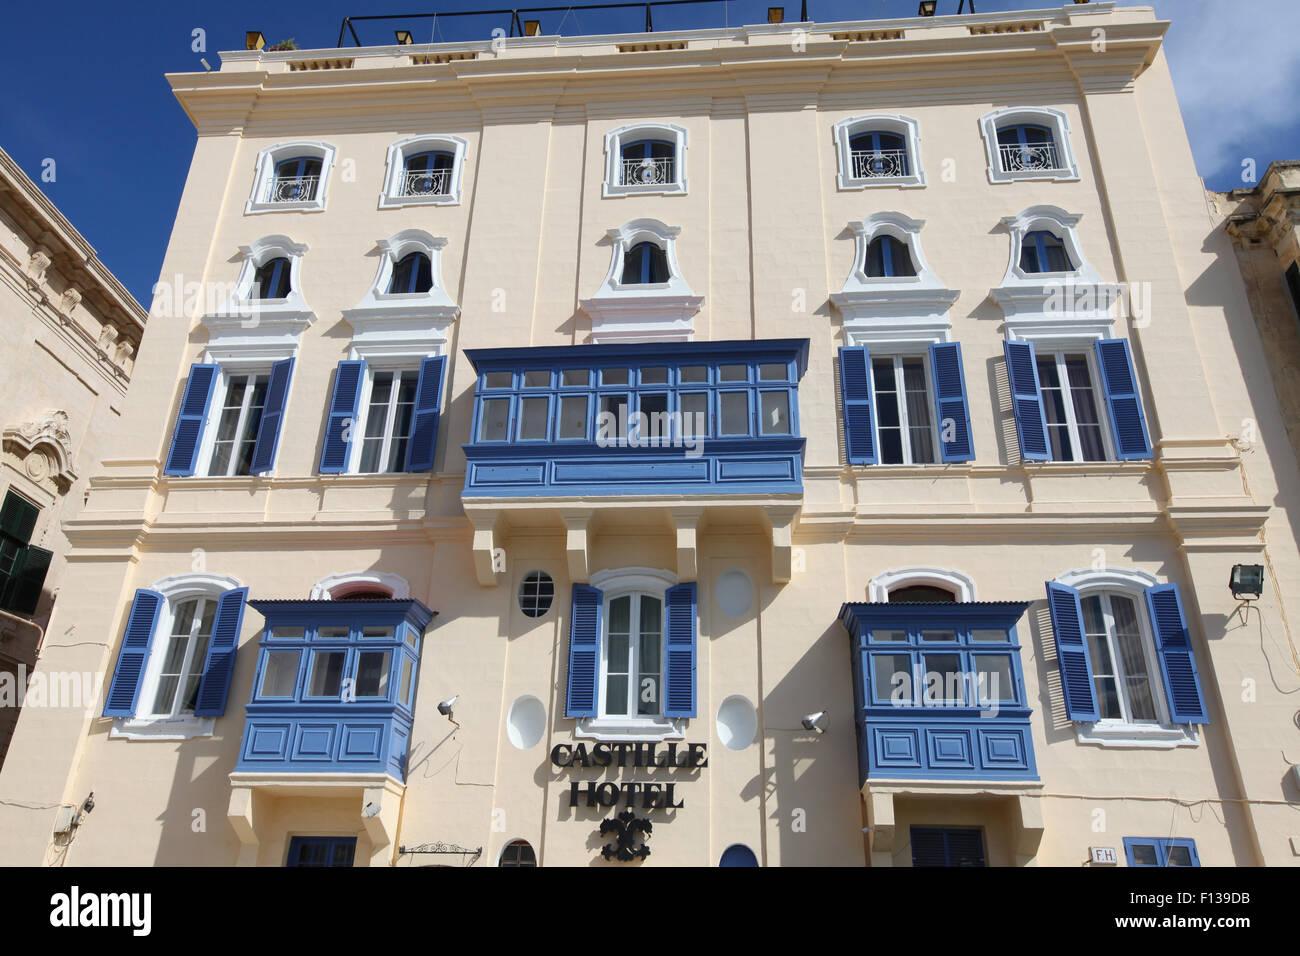 Castille Hotel, Valletta, Malta, Europe - Stock Image